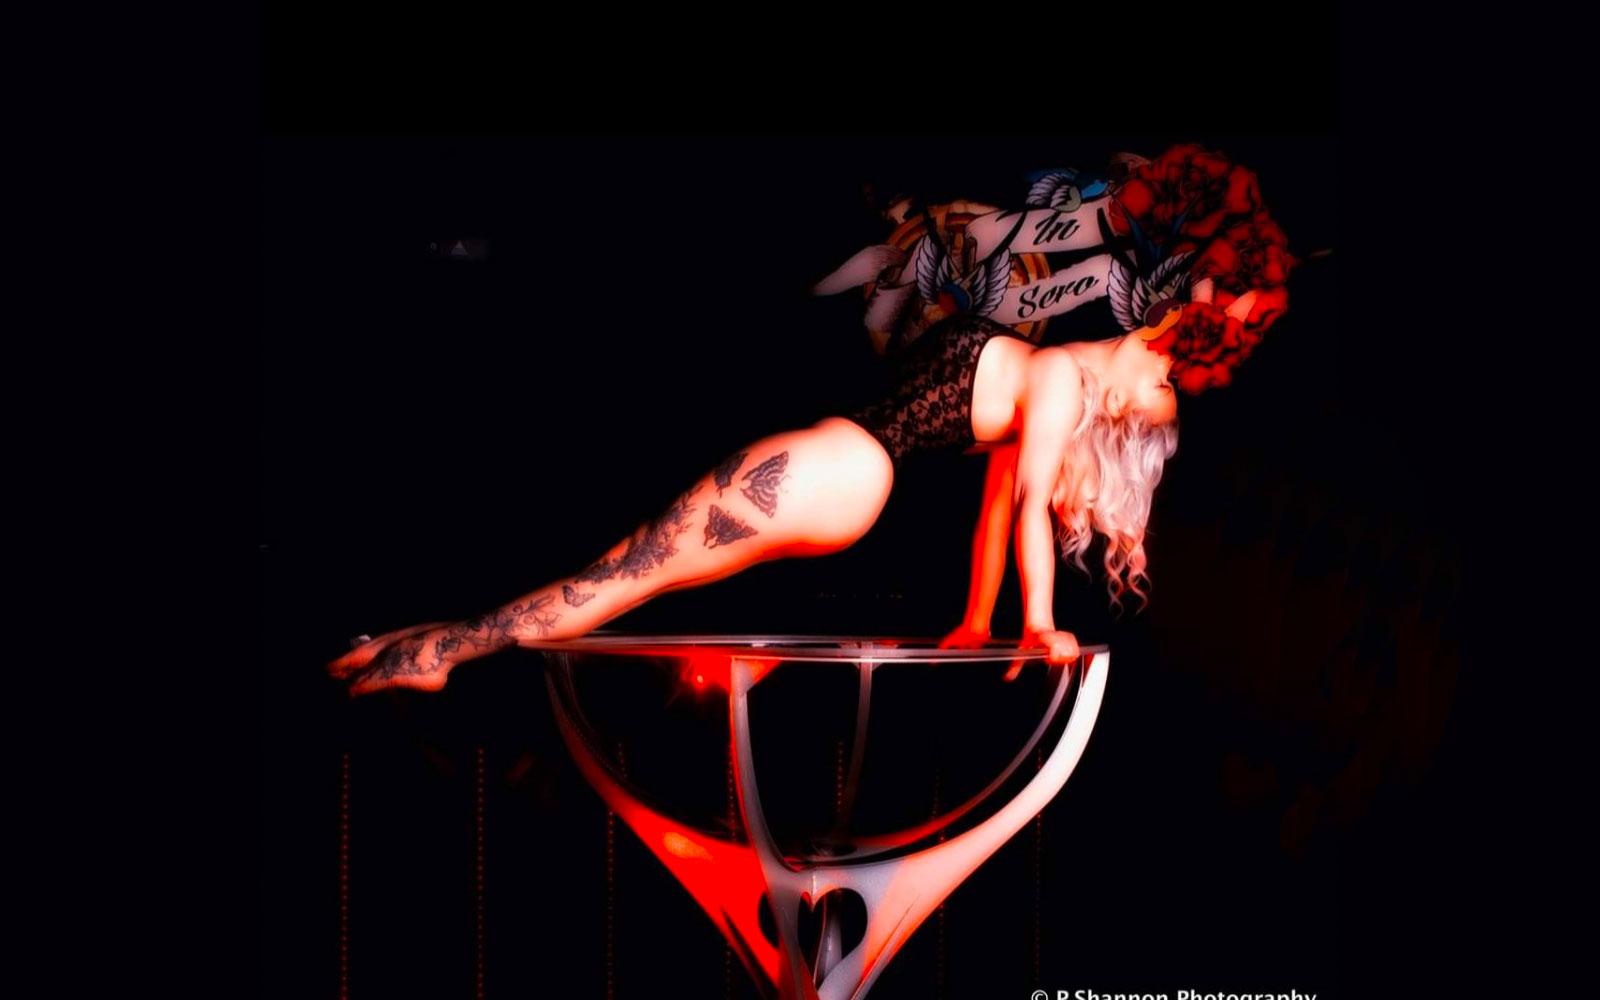 martini-glass-1